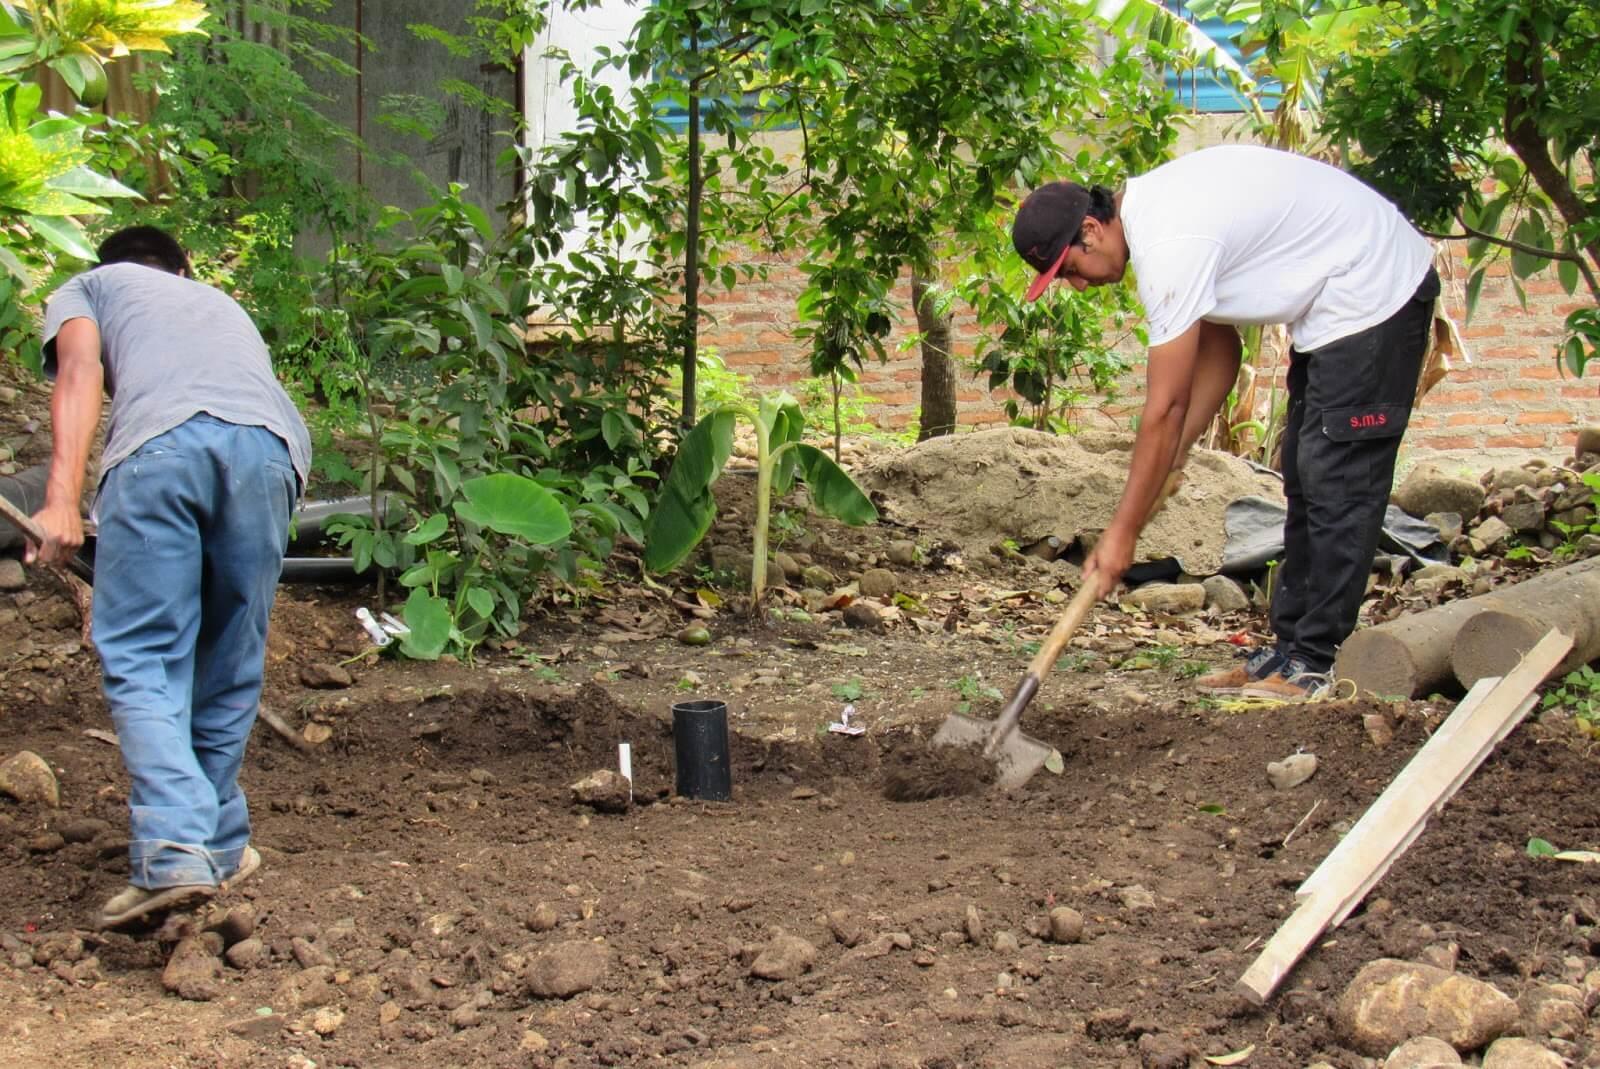 Instalación de servicios higiénicos domiciliares en Nicaragua